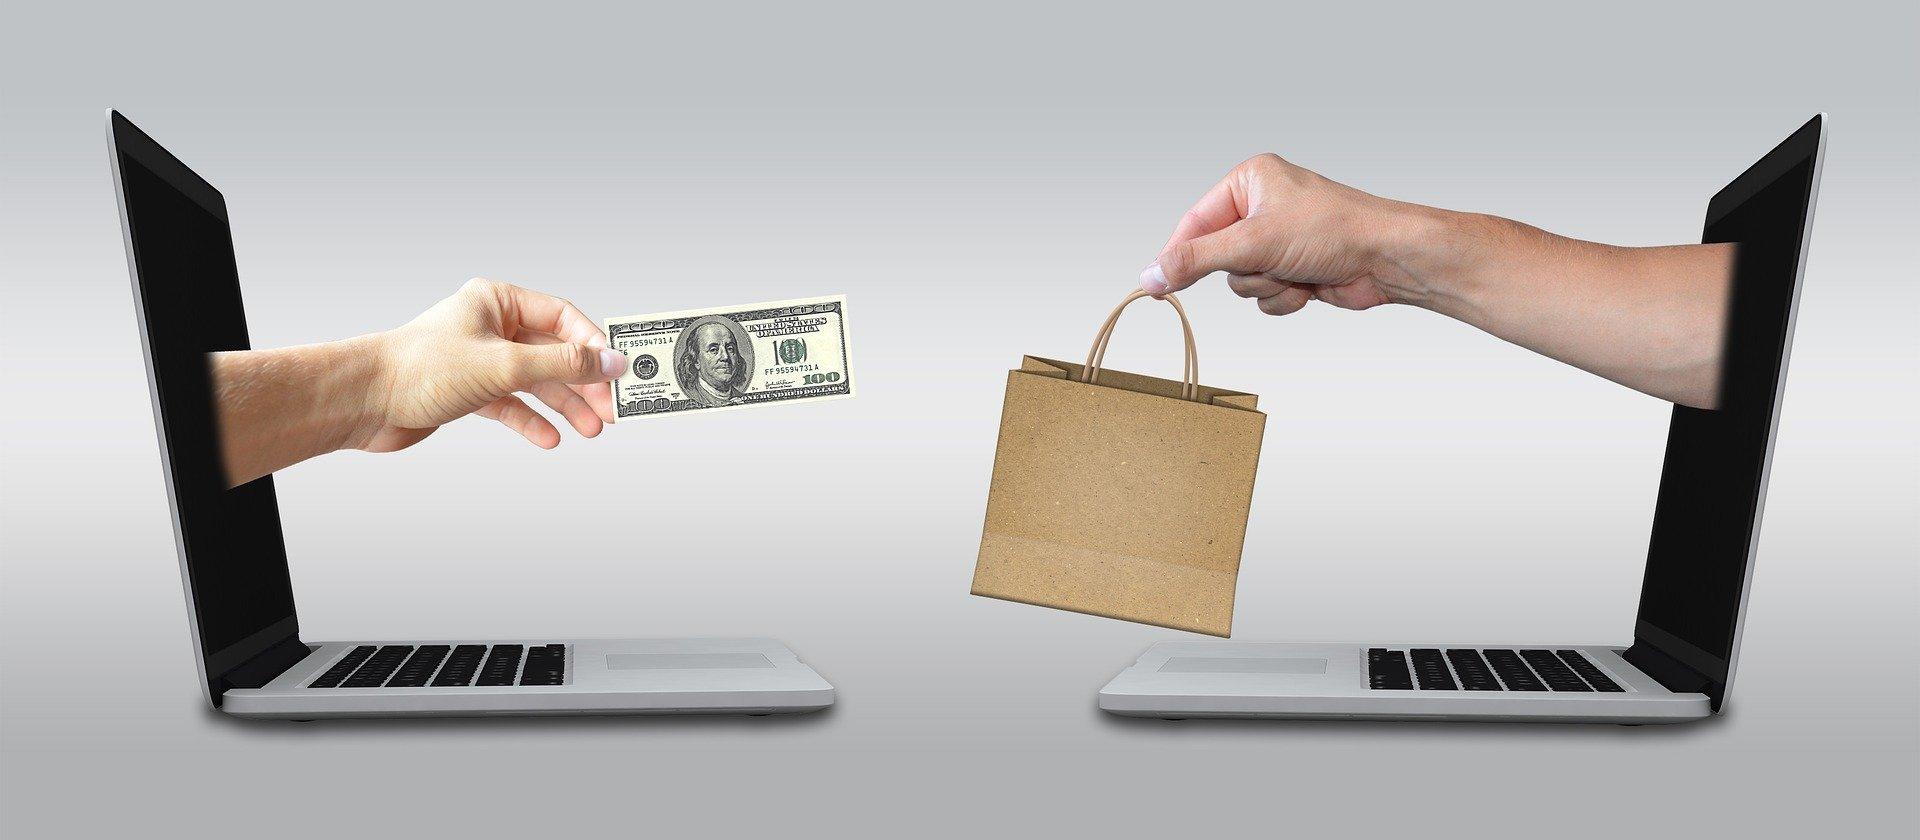 Kaufen und Verkaufen bei eBay Kleinanzeigen